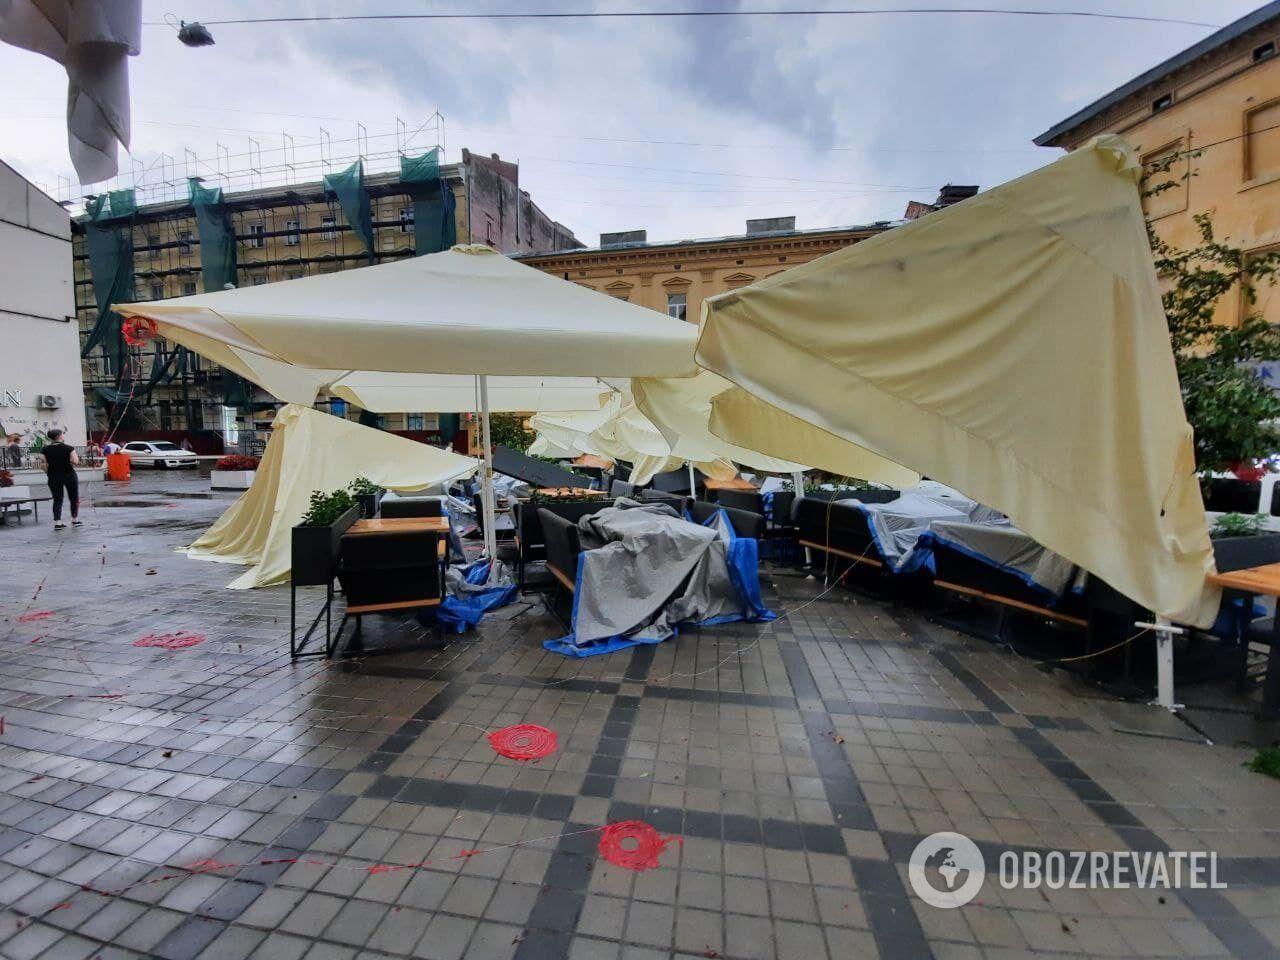 Стихия повалила зонты ресторана.